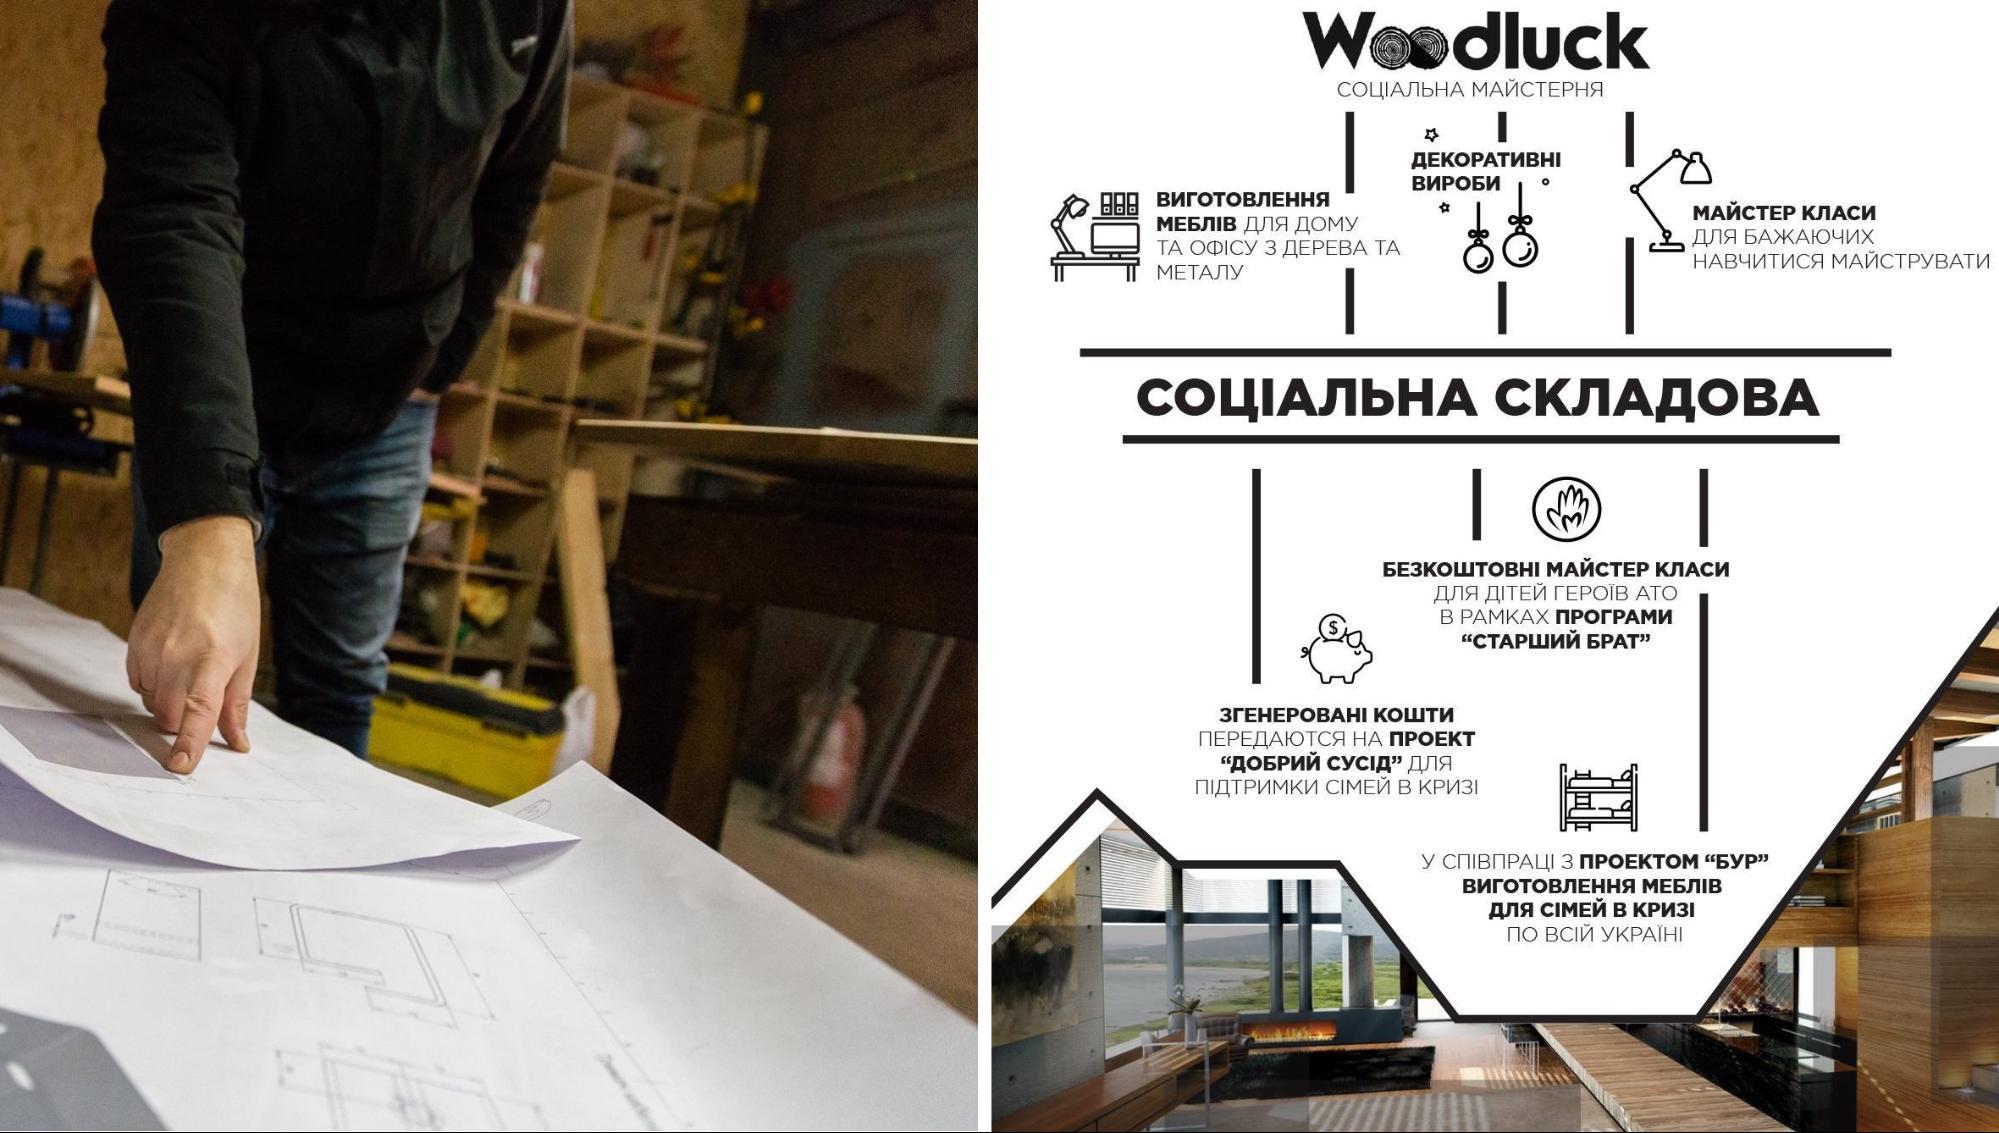 Компанія WoodLuck